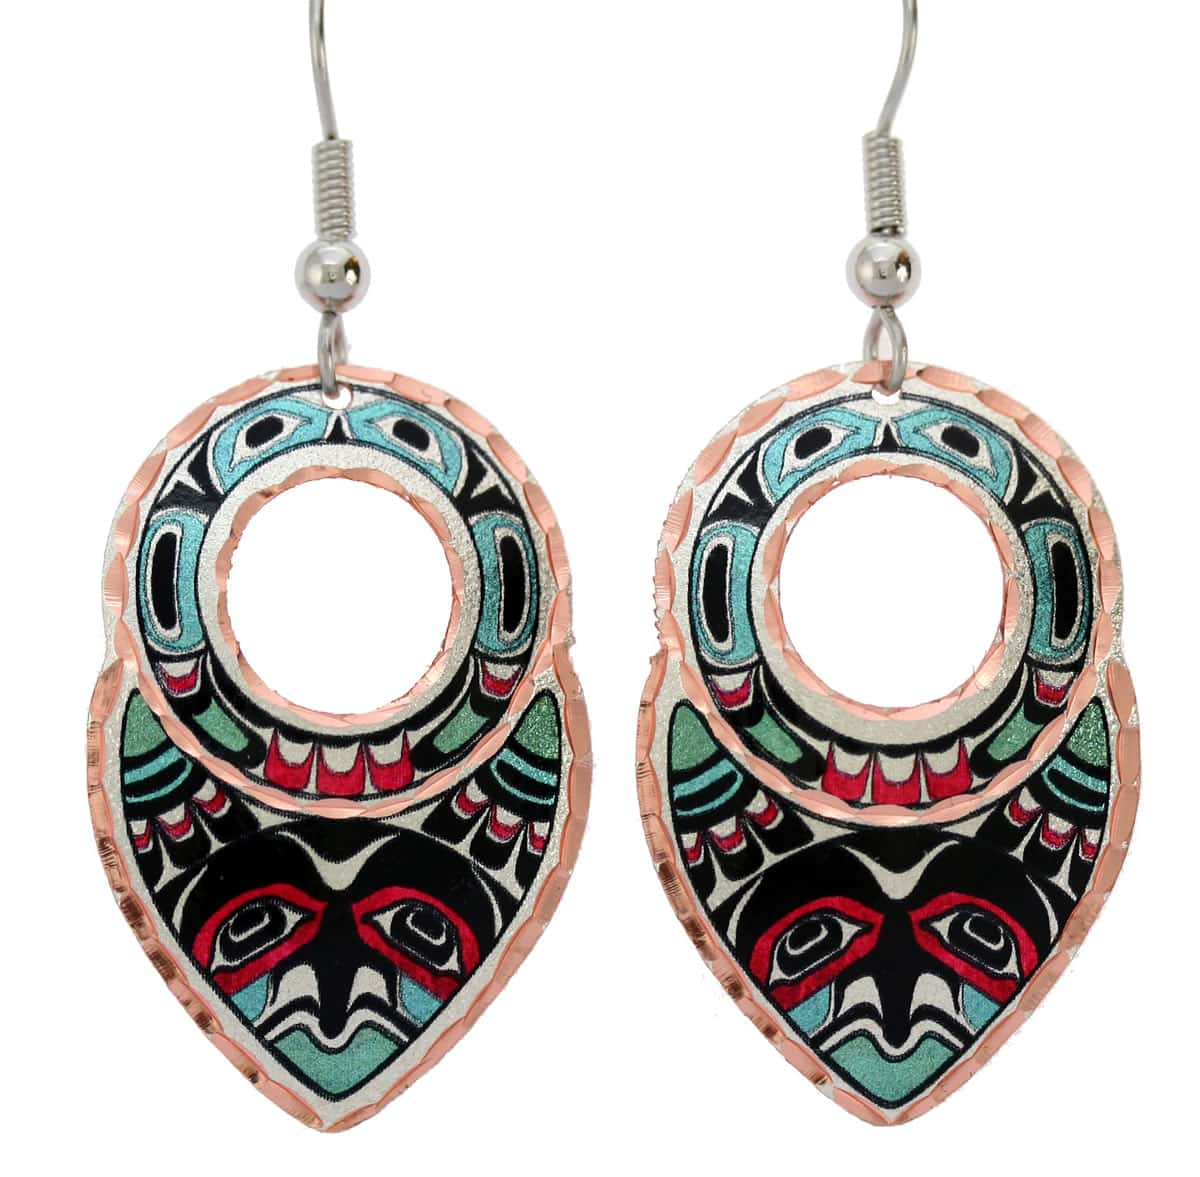 Buy colorful Northwest Native Haida eagle earrings stylish and feminine